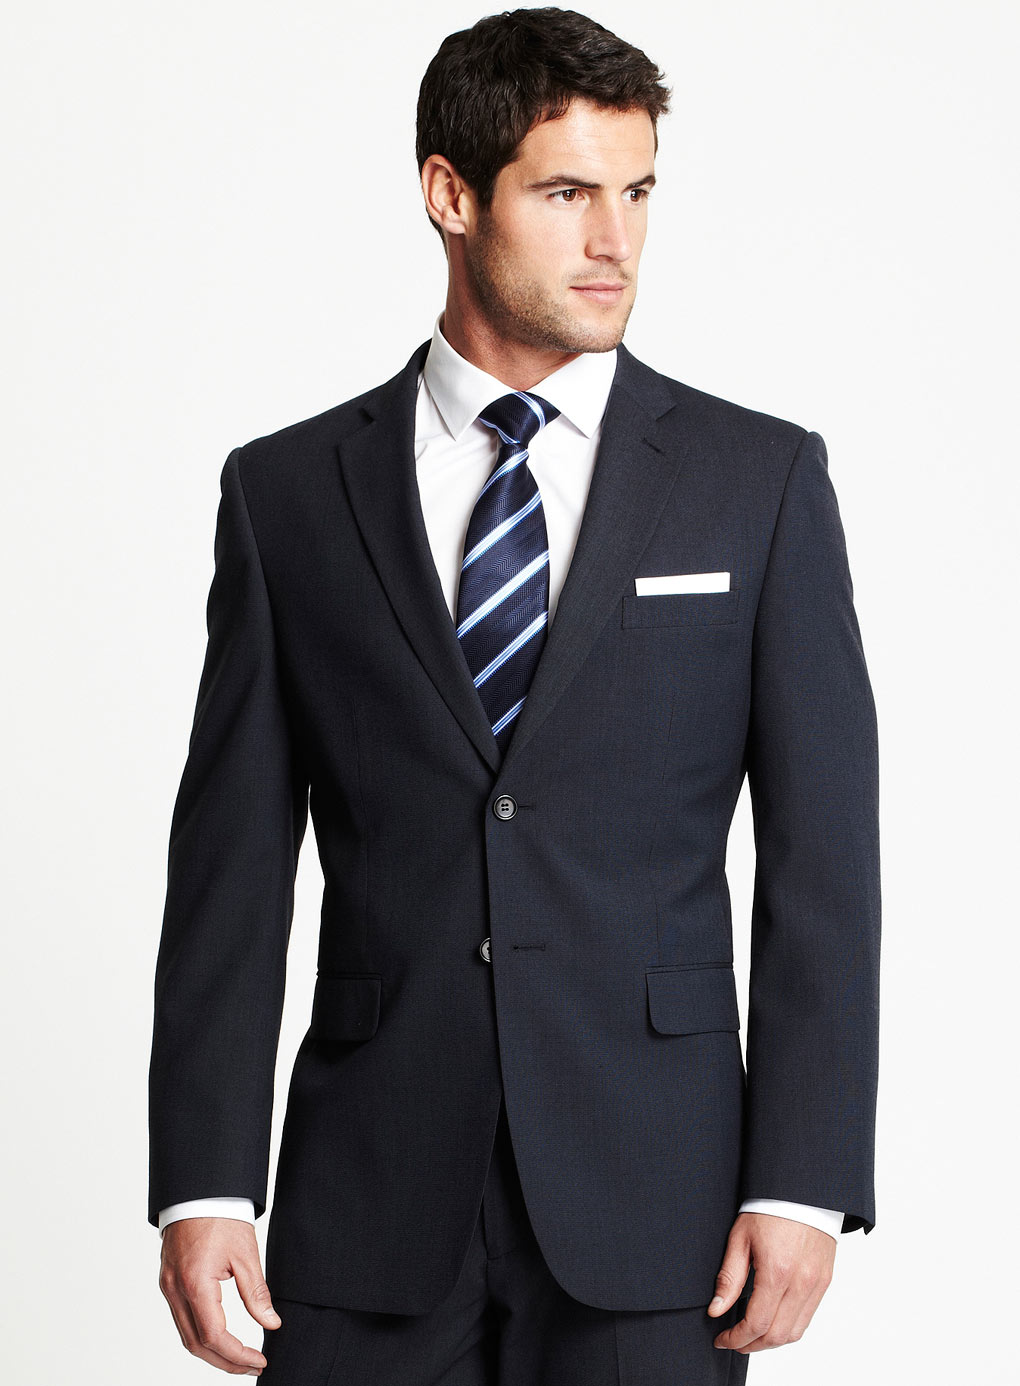 Рубашка под синий костюм фото